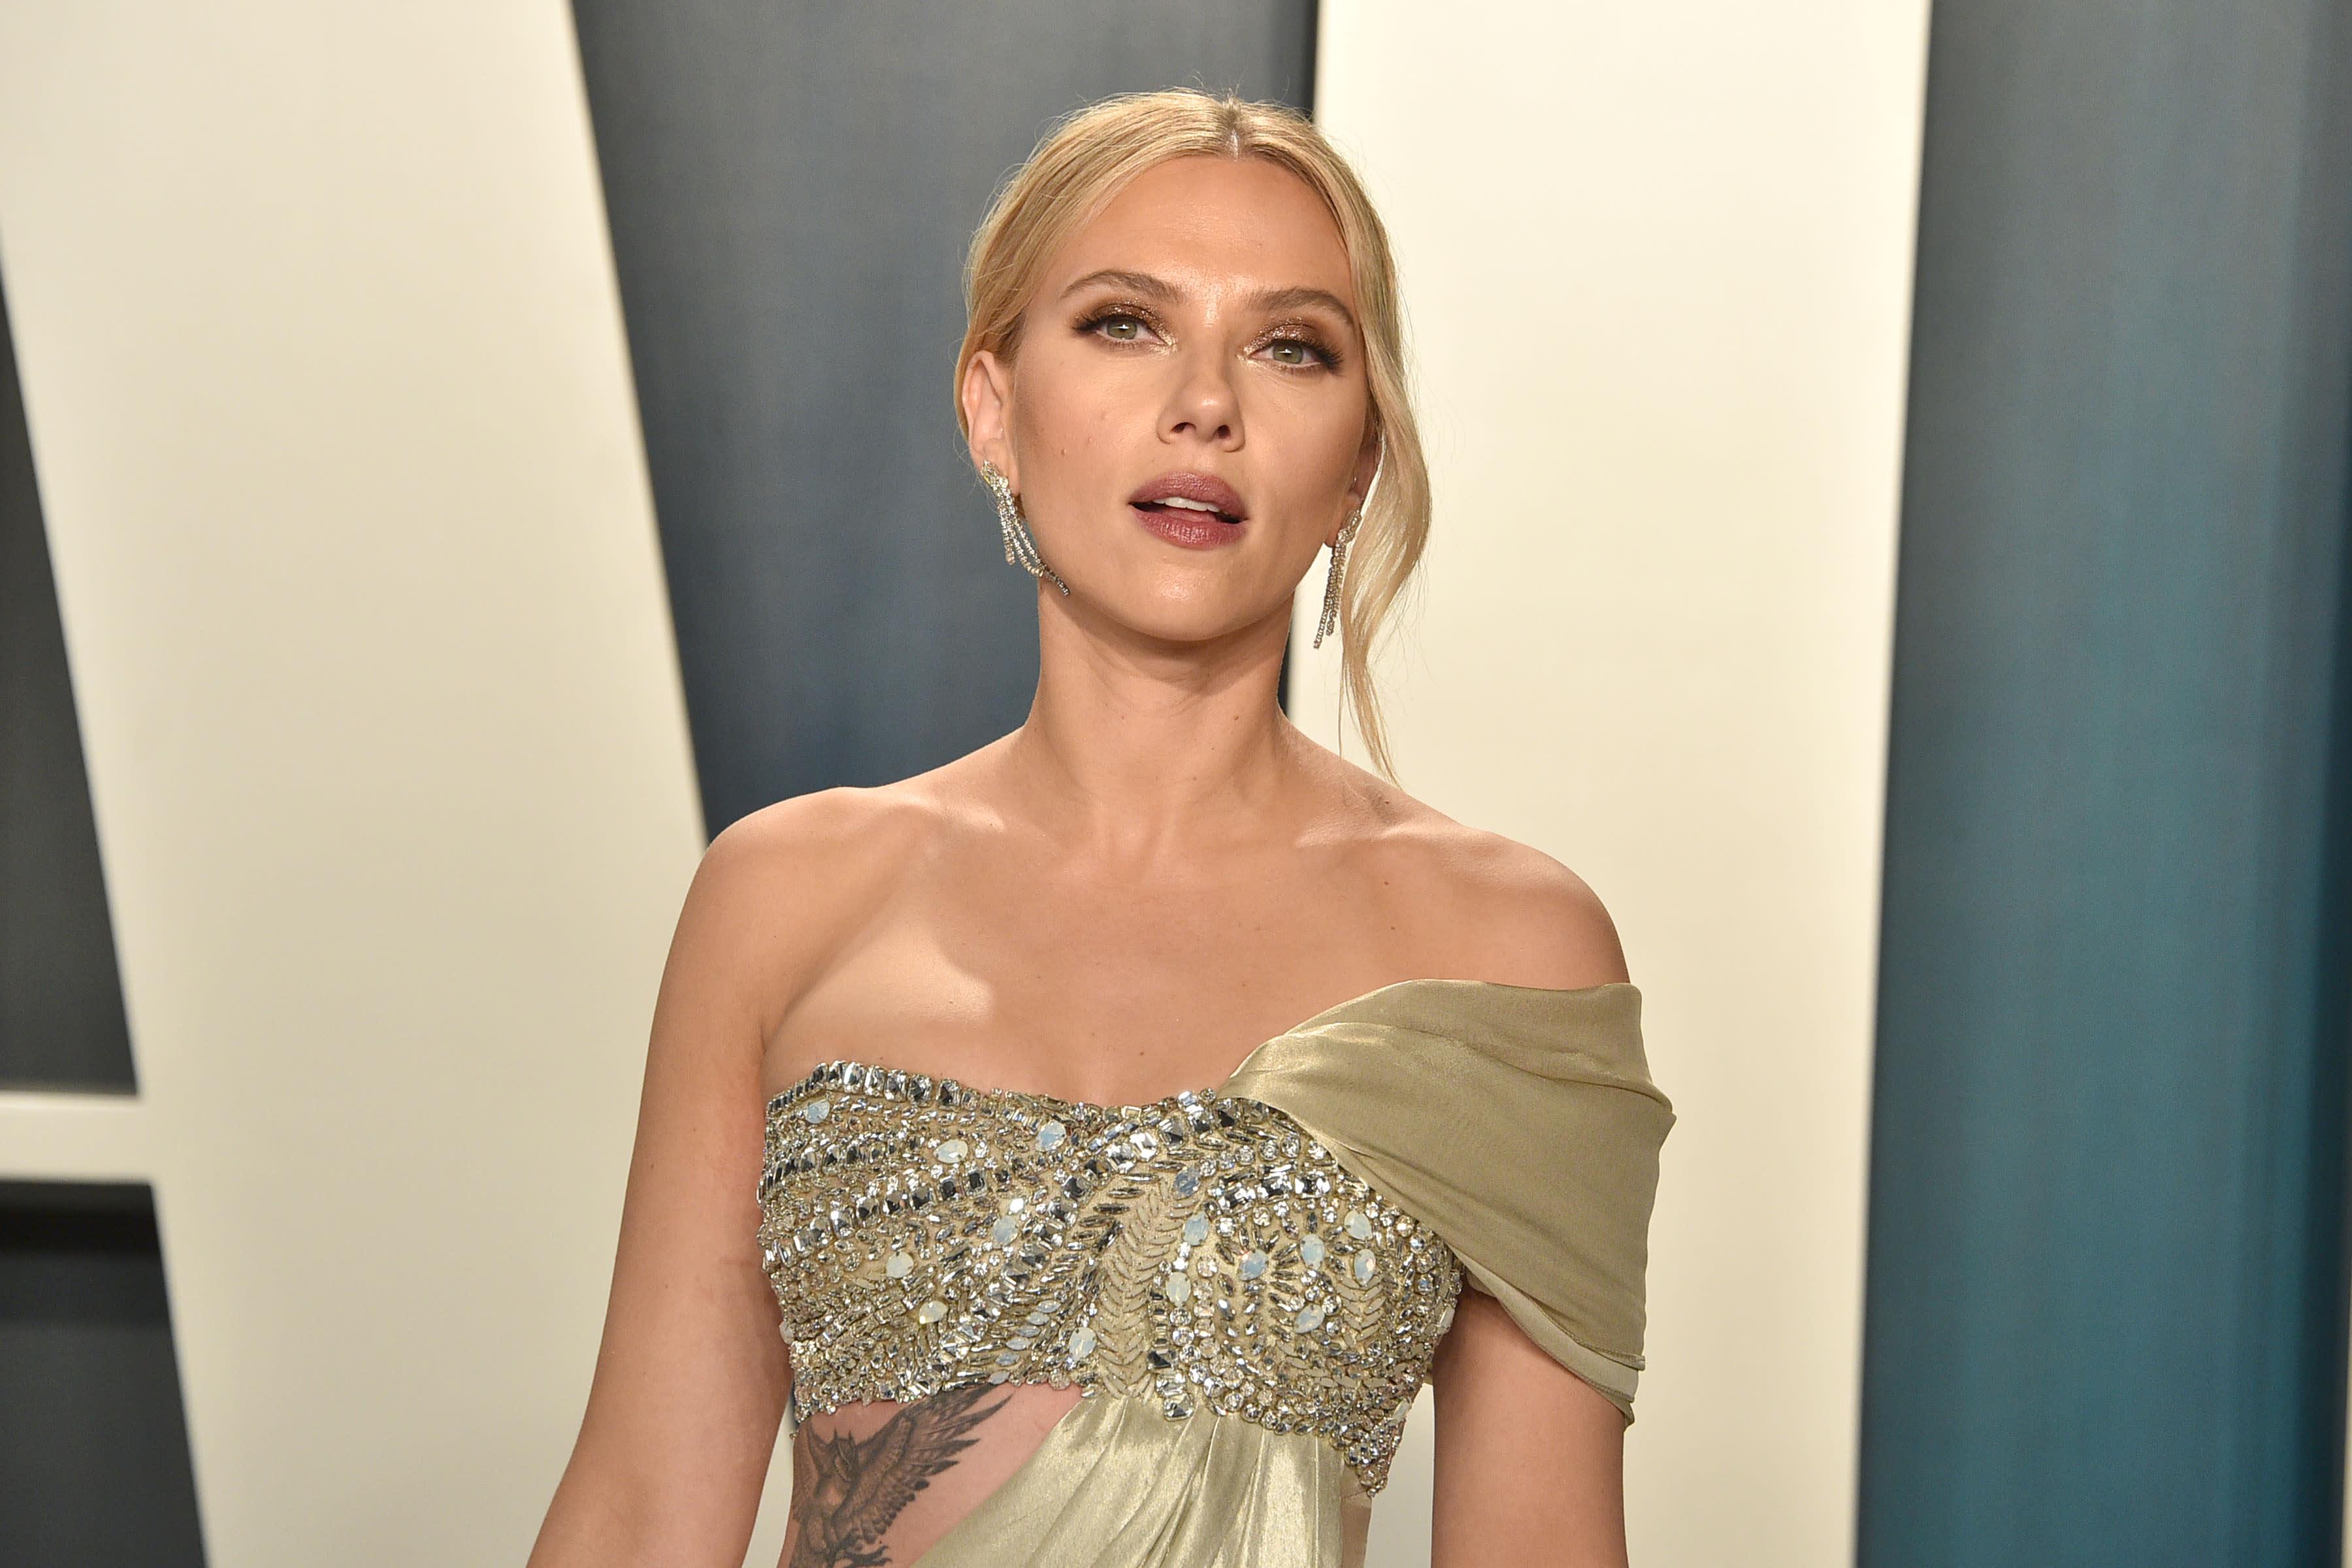 Scarlett Johansson's agent slams Disney for lawsuit response